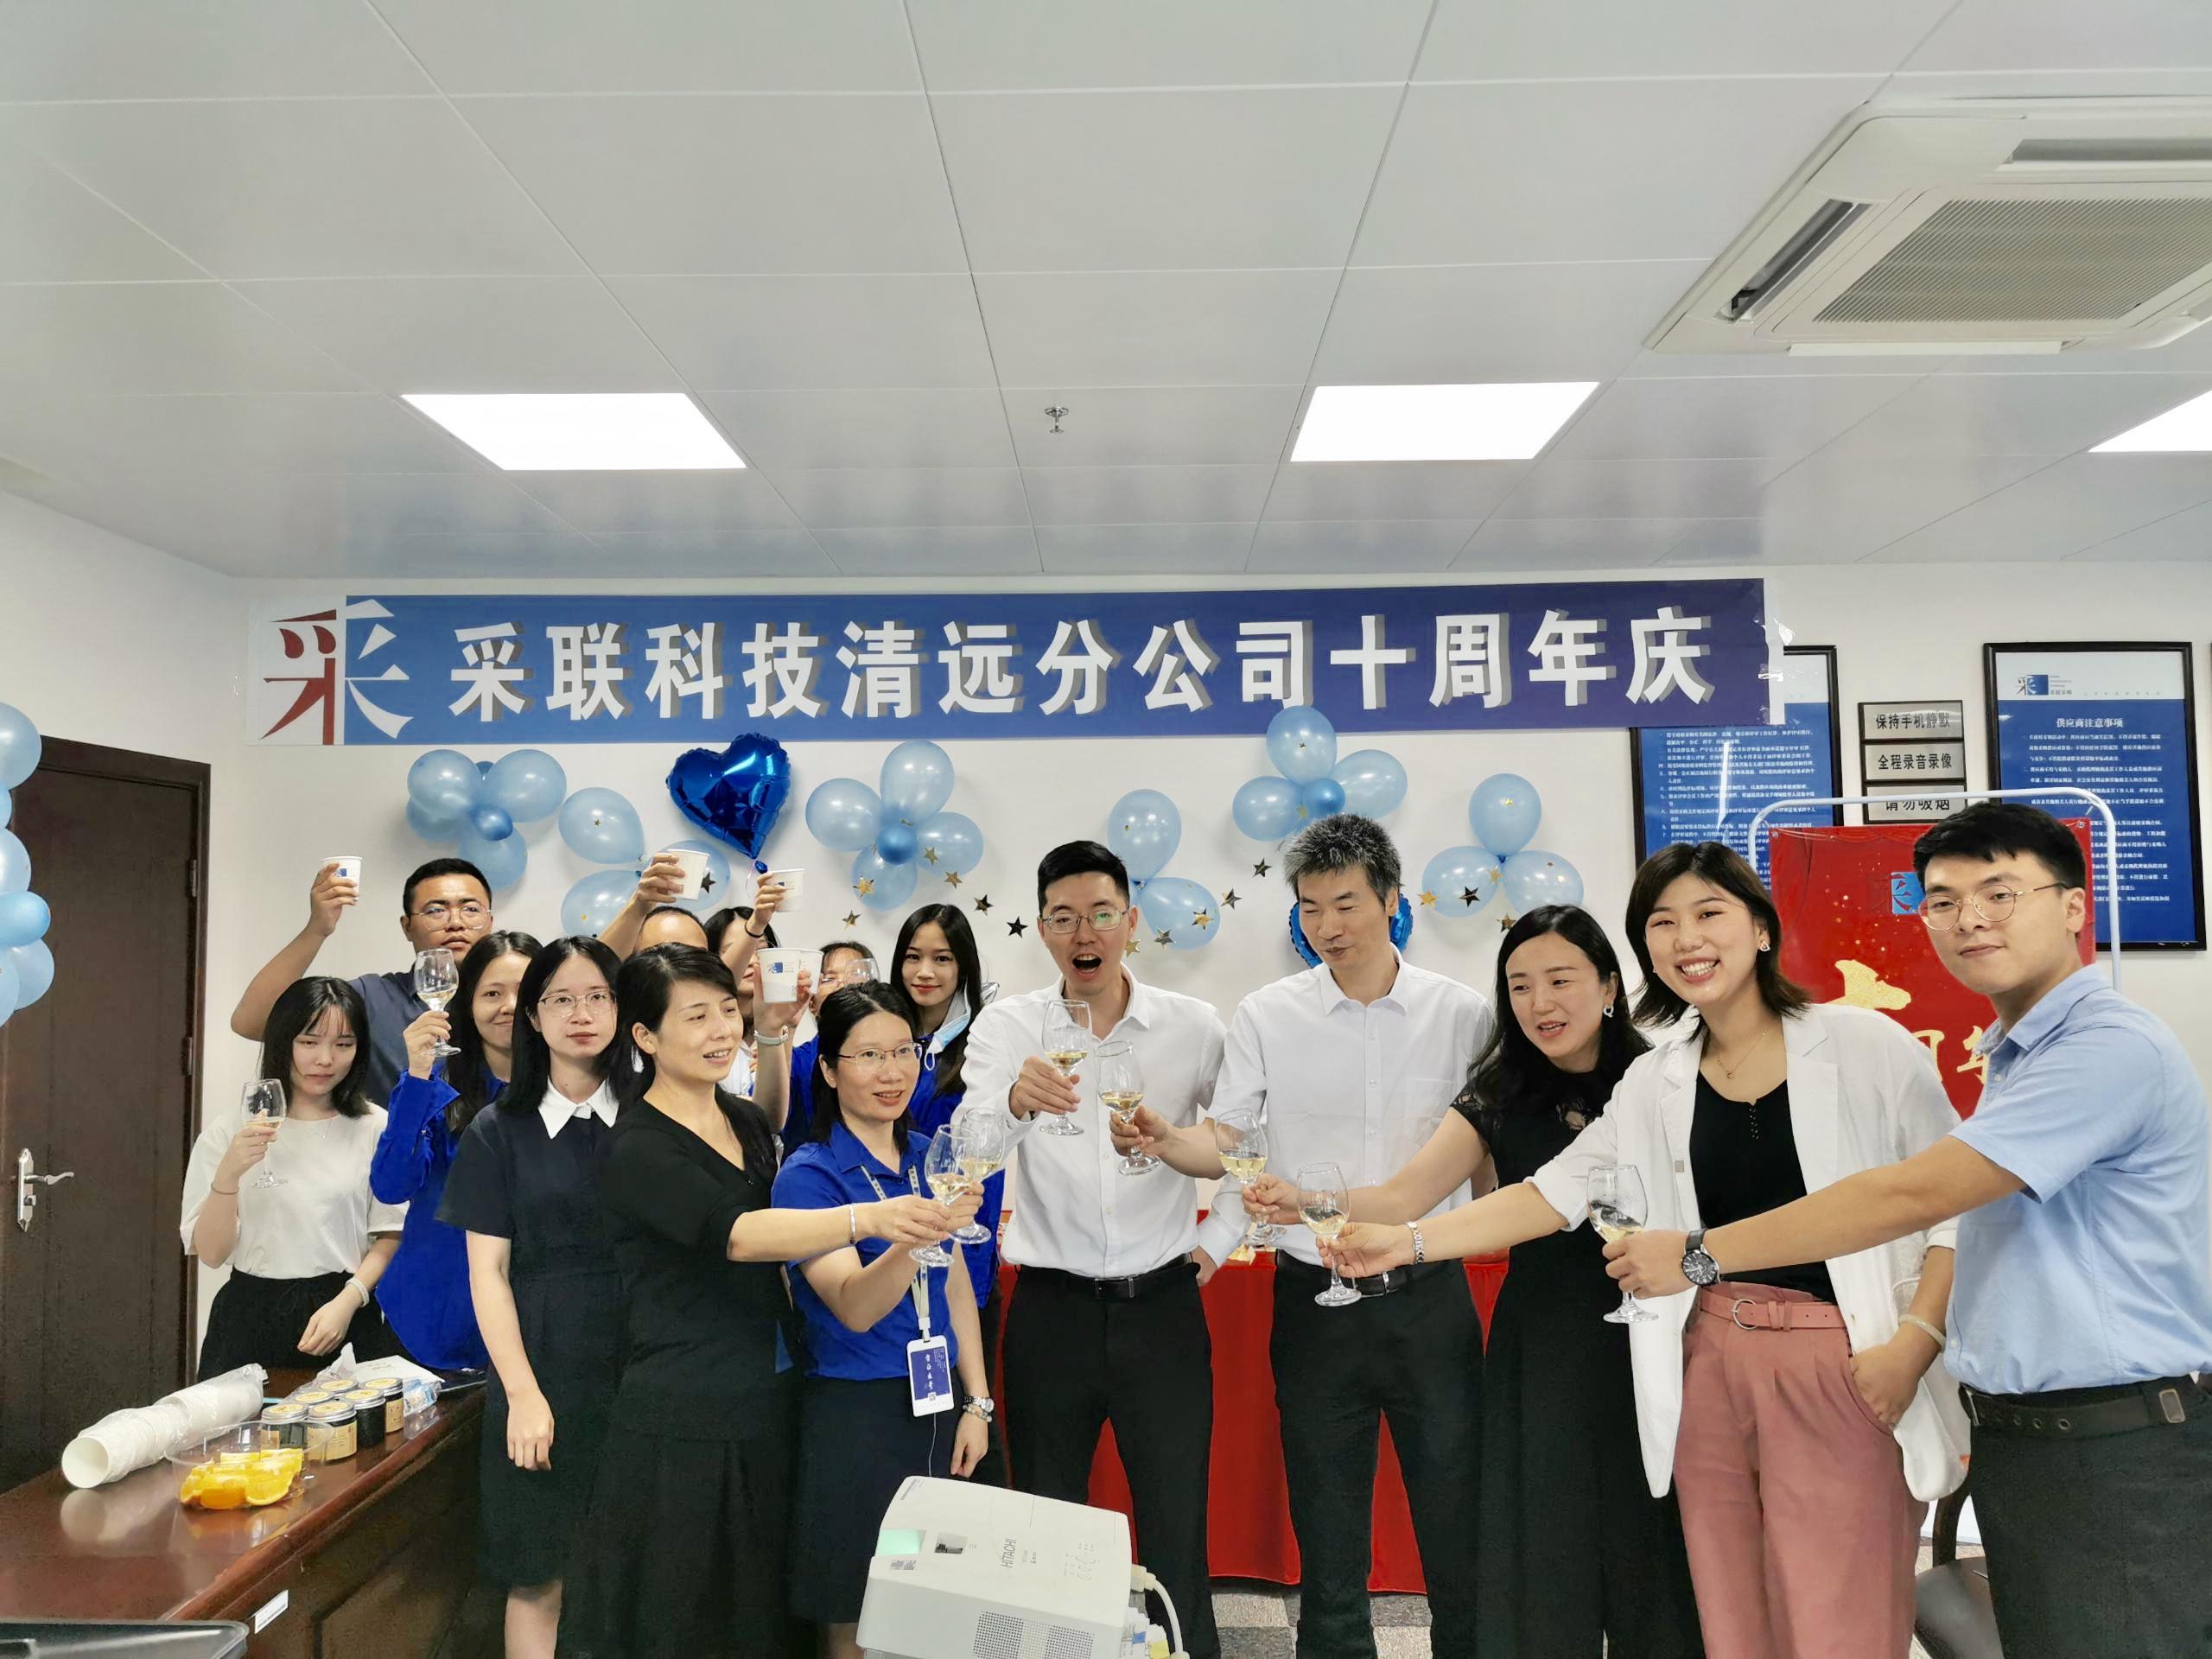 清远分公司成立十周年庆典